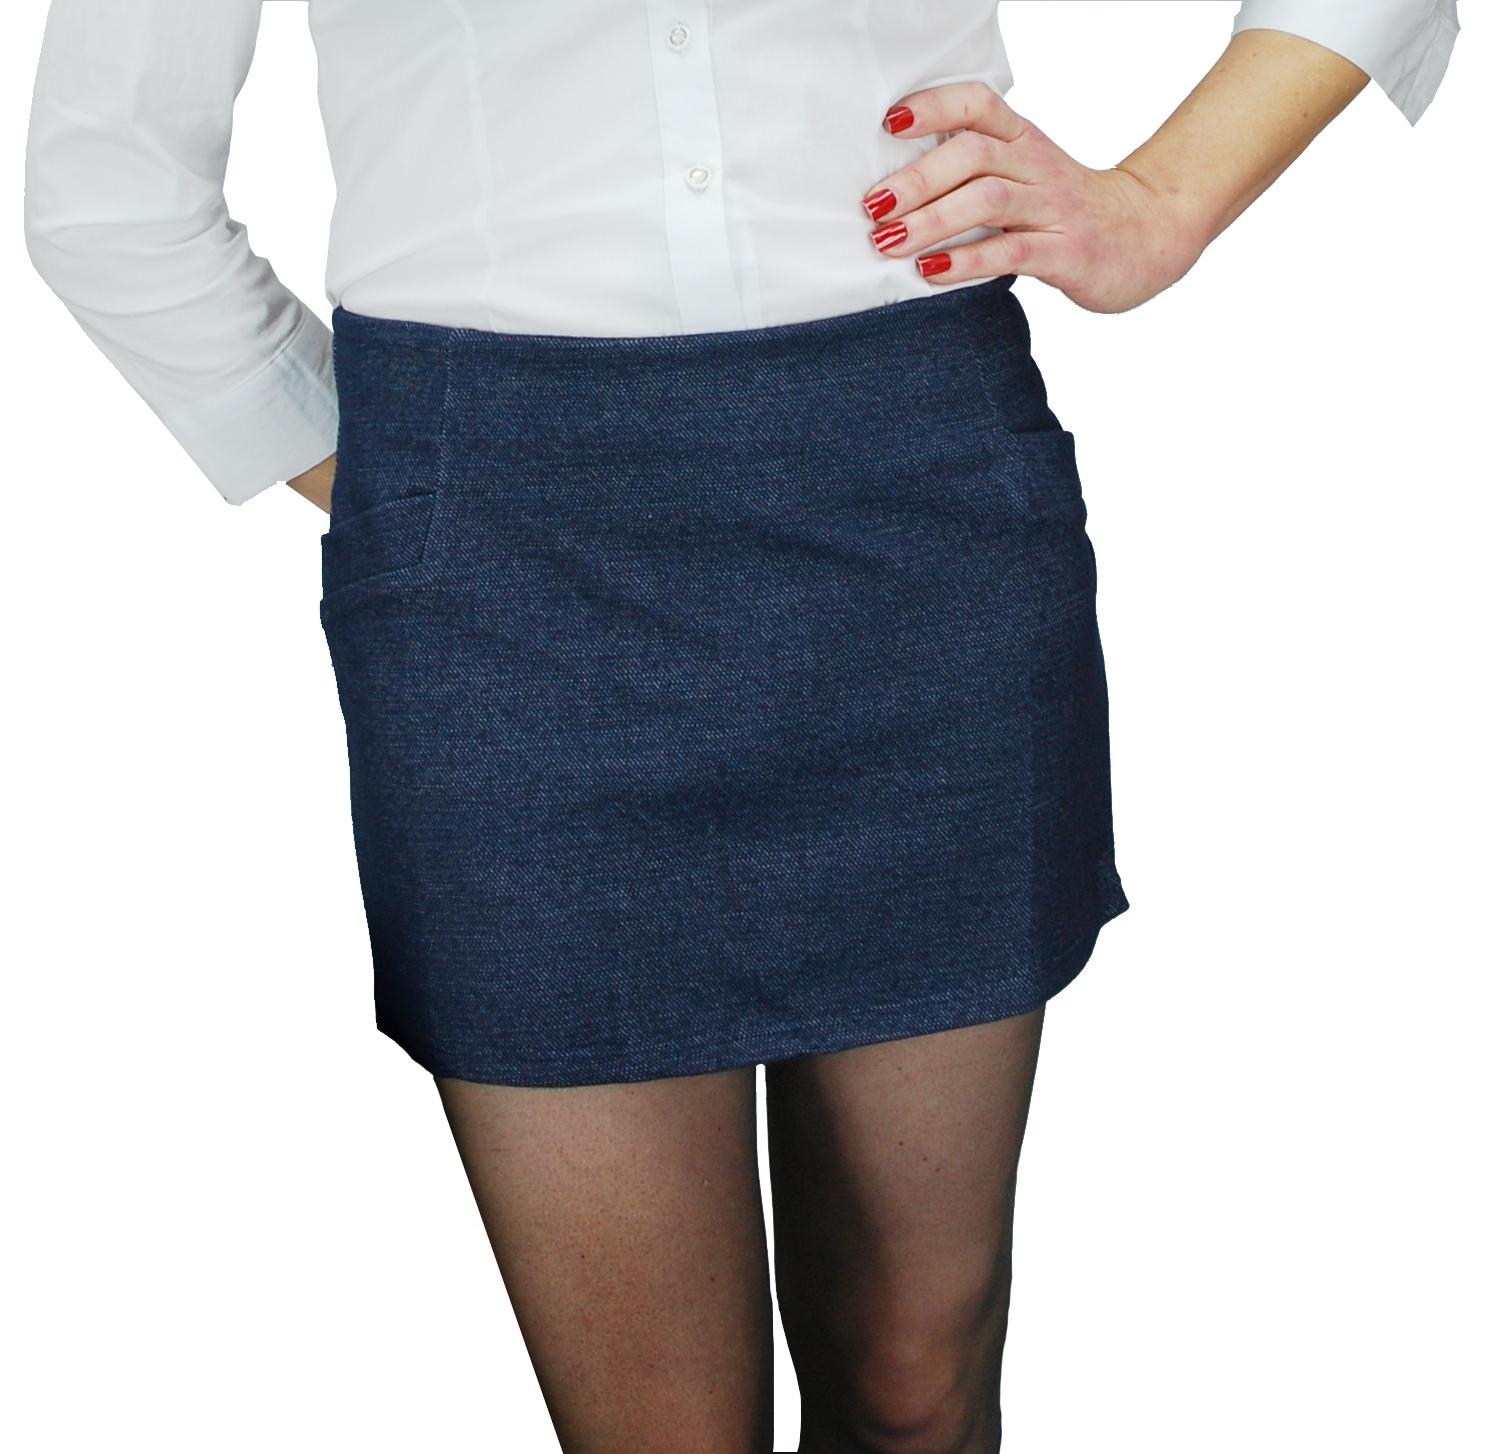 e555bd80c7b Denim Mini Skirt for Crossdressers Transgenders Women